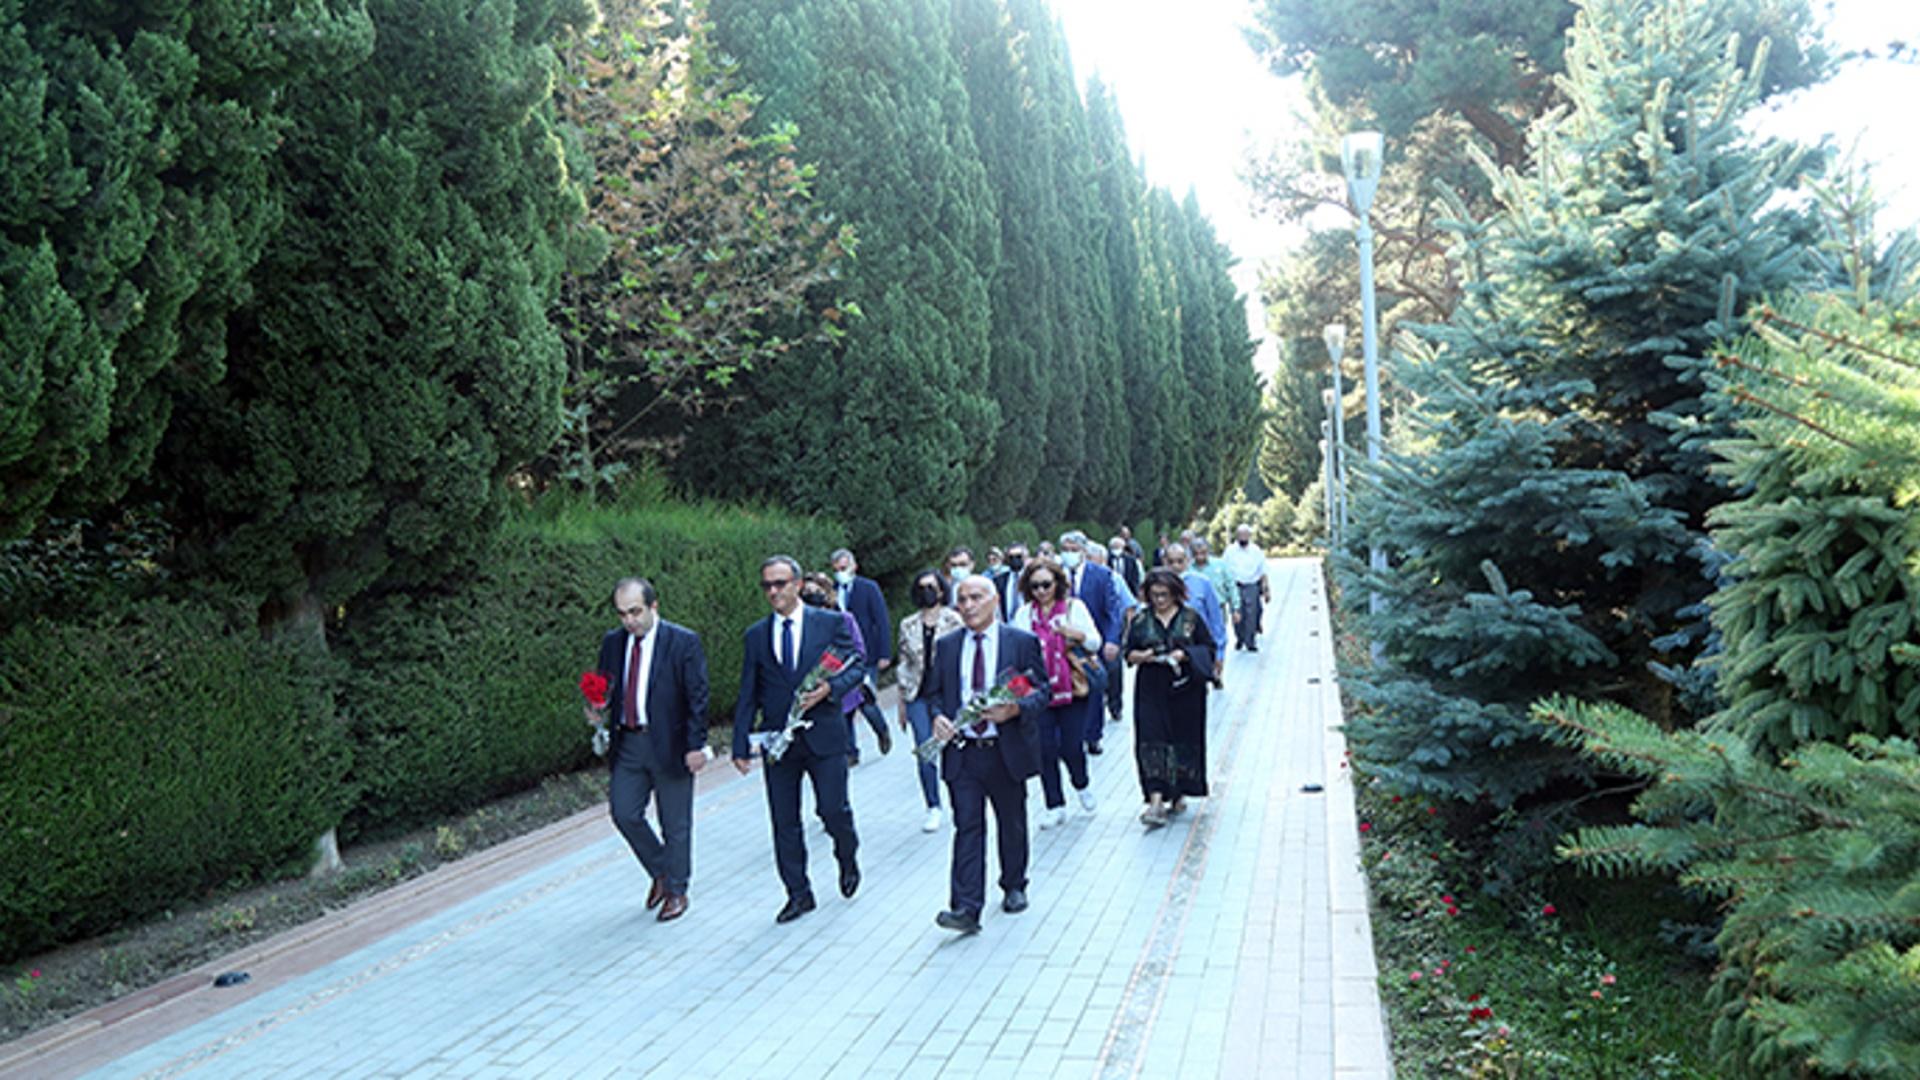 Beynəlxalq simpoziumun iştirakçıları Fəxri xiyabanı və Şəhidlər xiyabanını ziyarət ediblər